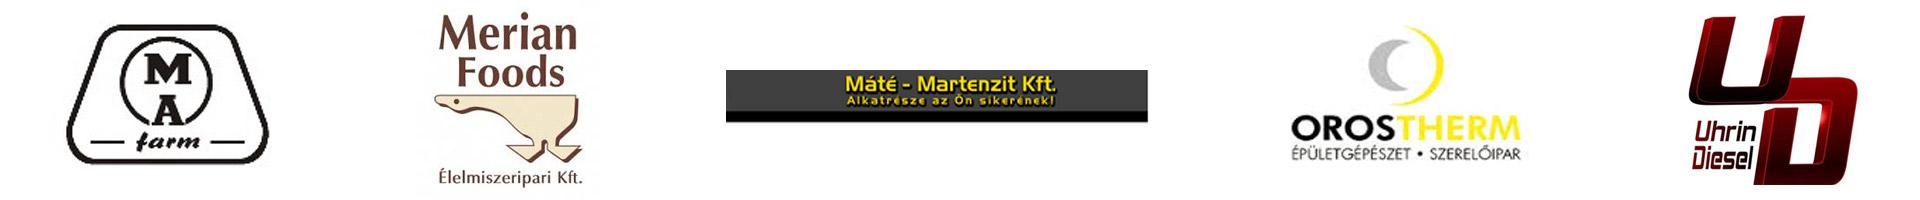 partner-logo-slide-3